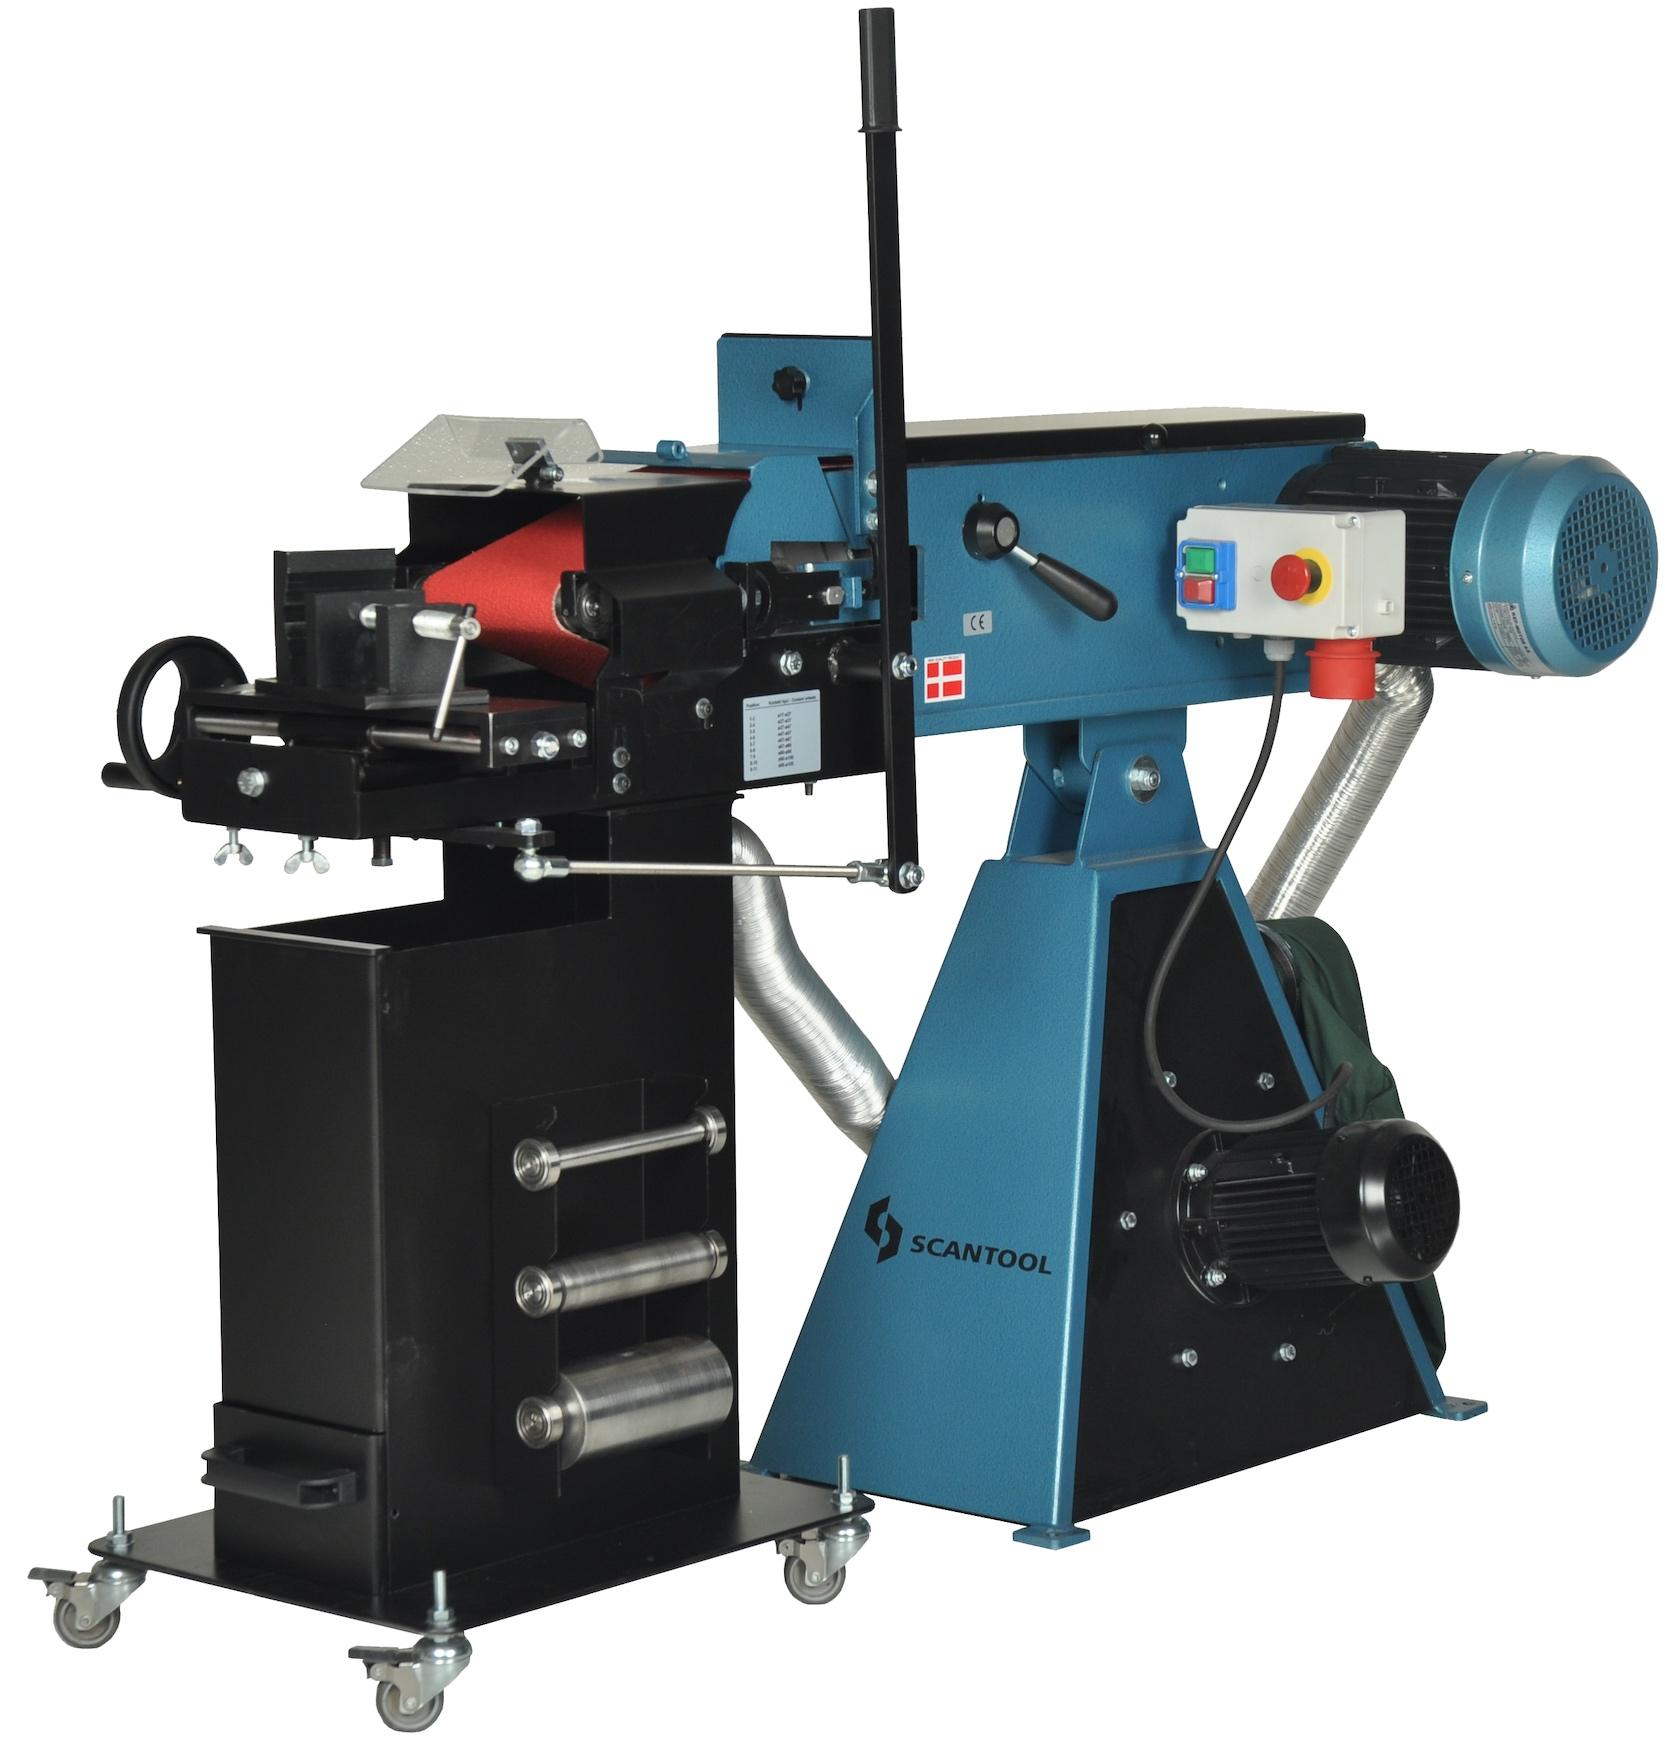 Szlifierka taśmowa Scantool RBX 150x2000mm do nacinania i obróbki rur na przenikanie z odciągiem pyłów - 3,6 kW